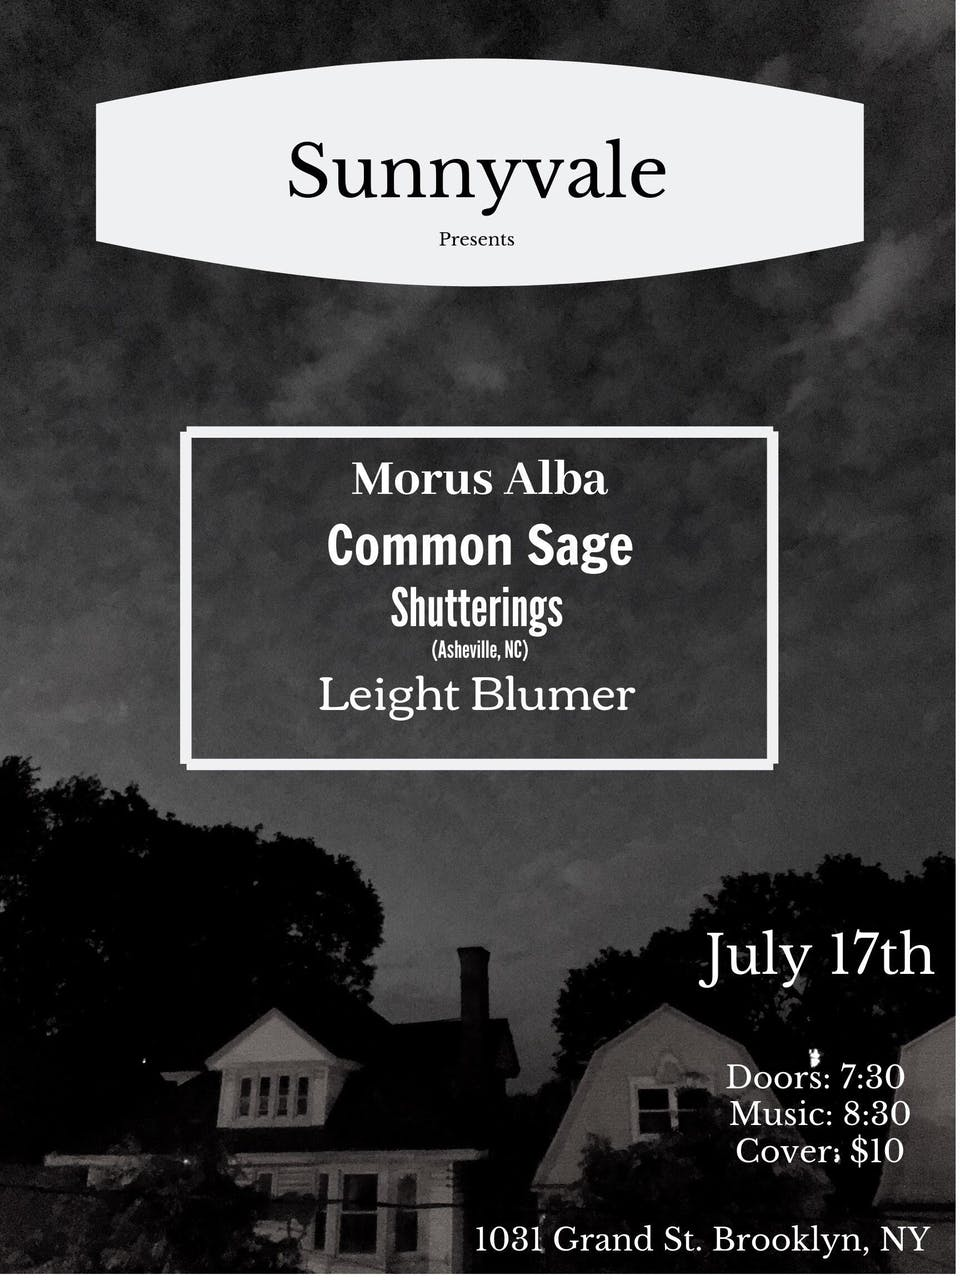 Morus Alba, Common Sage, Shutterings, Leight Blumer